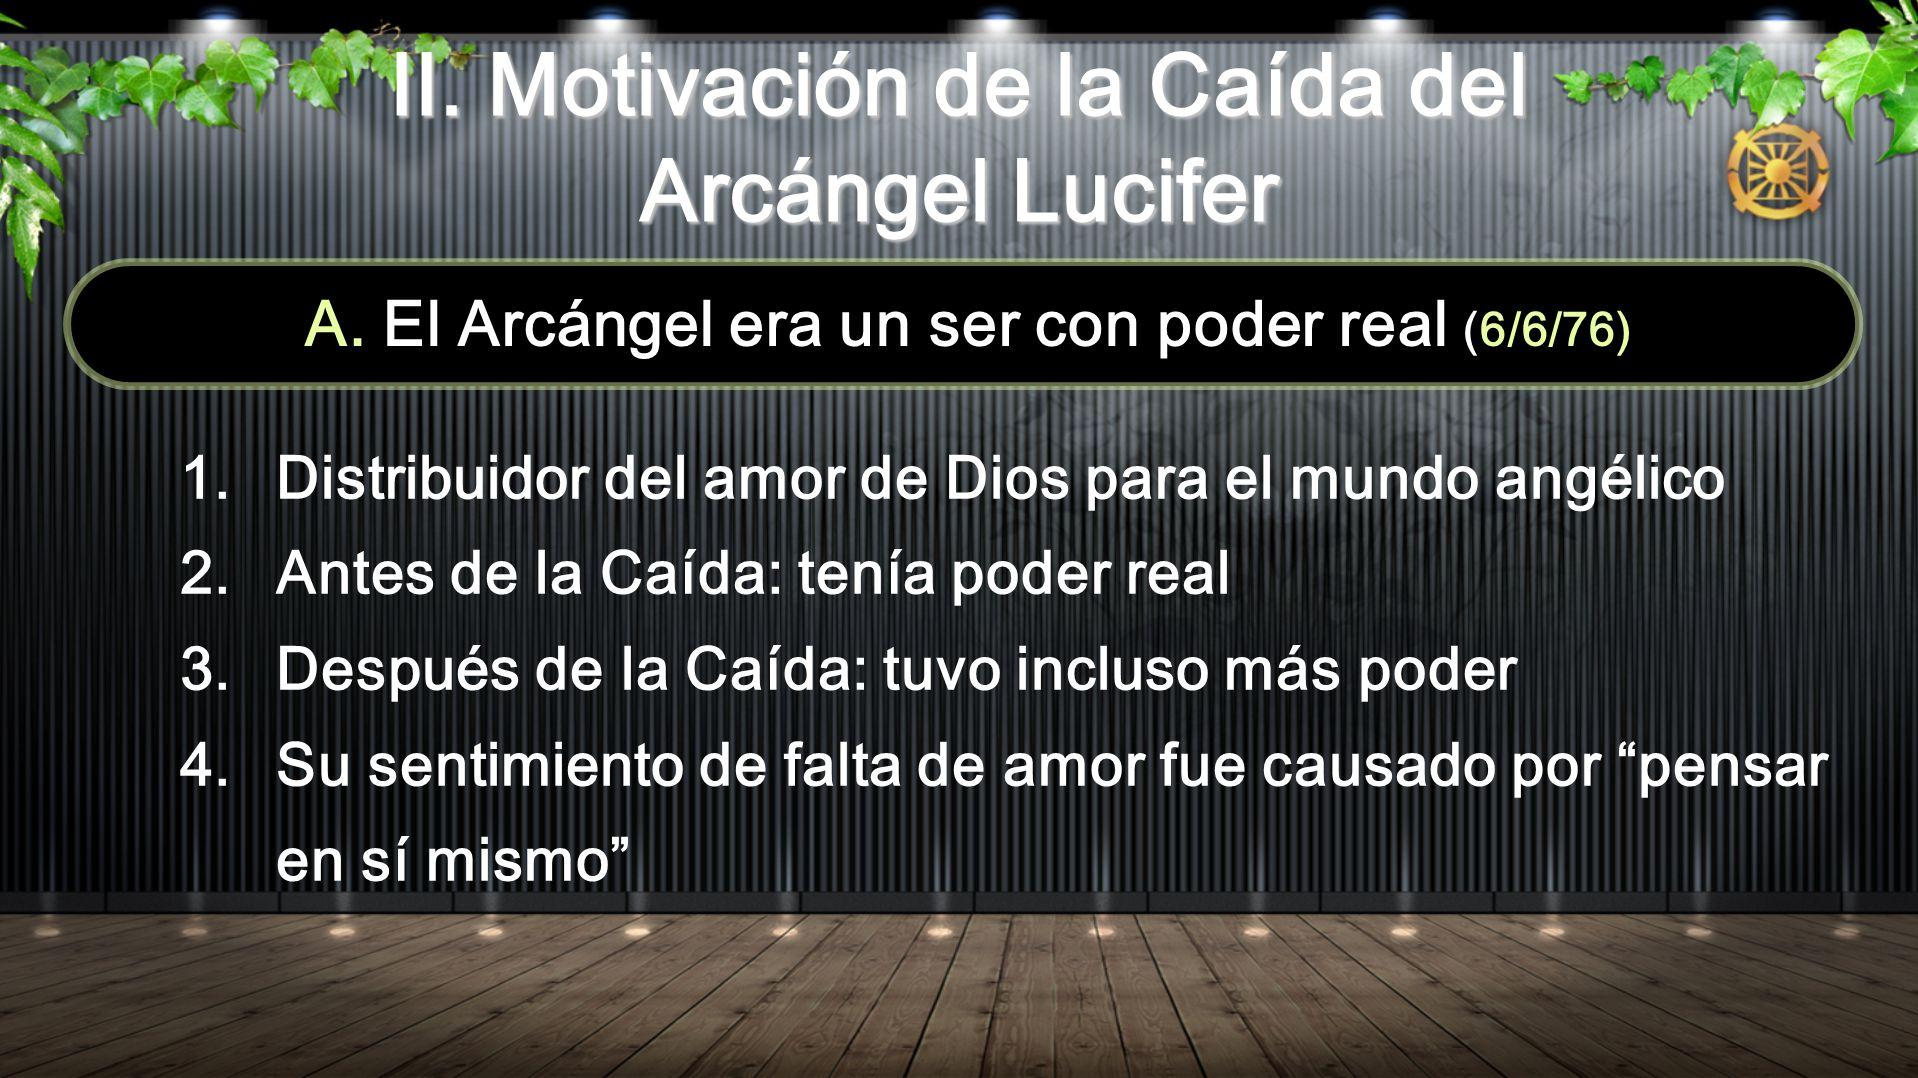 II. Motivación de la Caída del Arcángel Lucifer A. El Arcángel era un ser con poder real (6/6/76) 1. Distribuidor del amor de Dios para el mundo angél